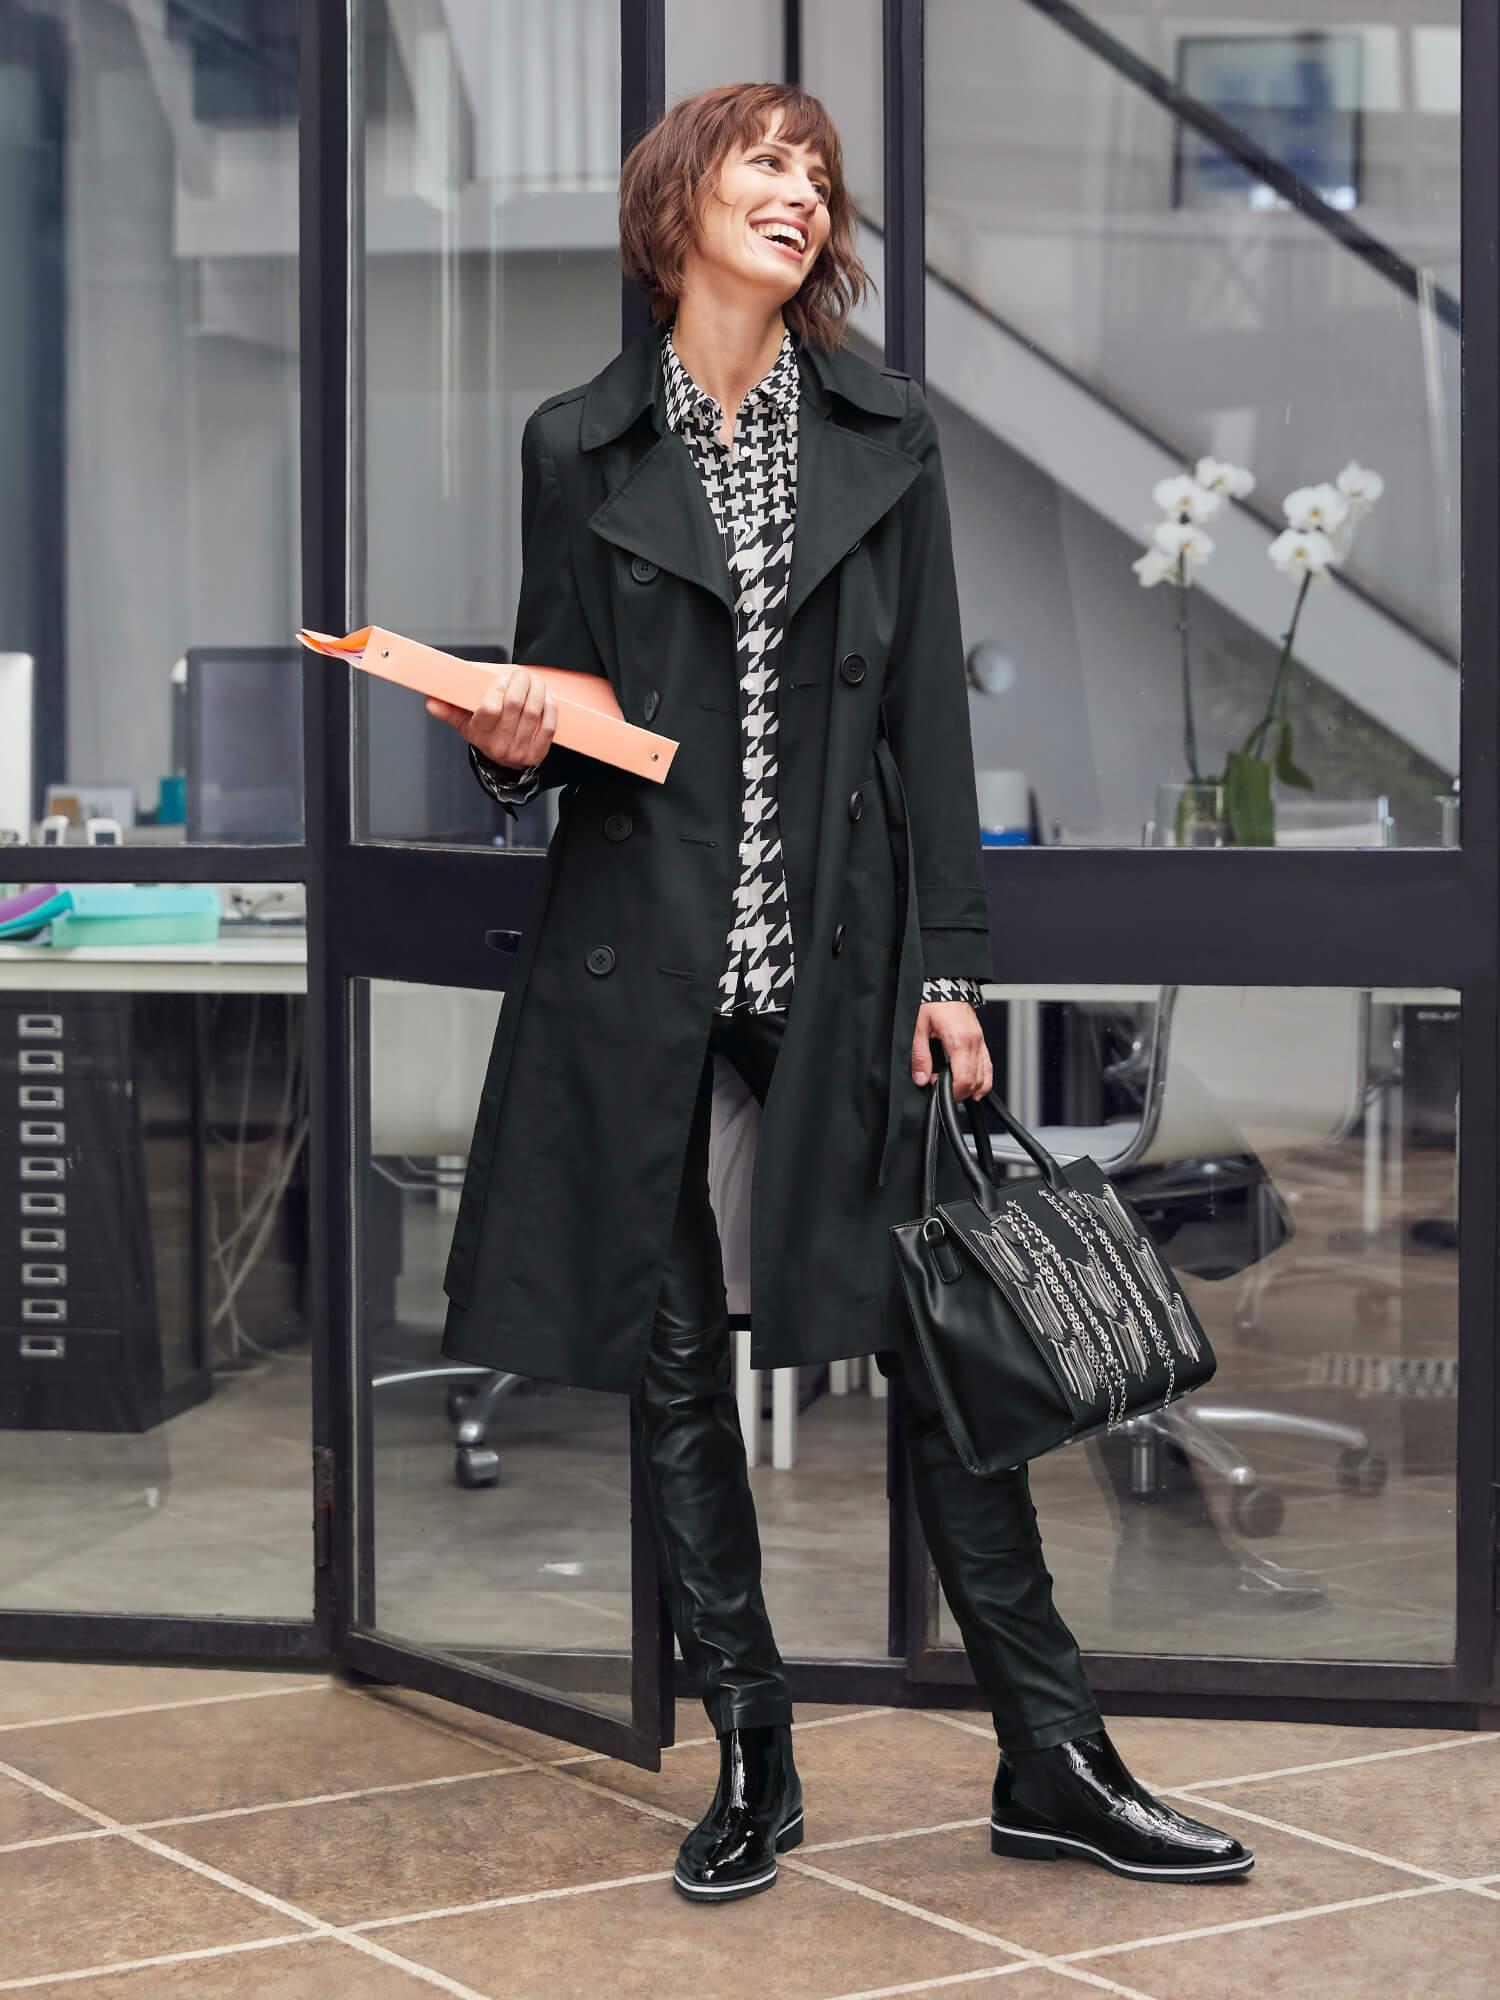 Frau mit schwarzem Mantel